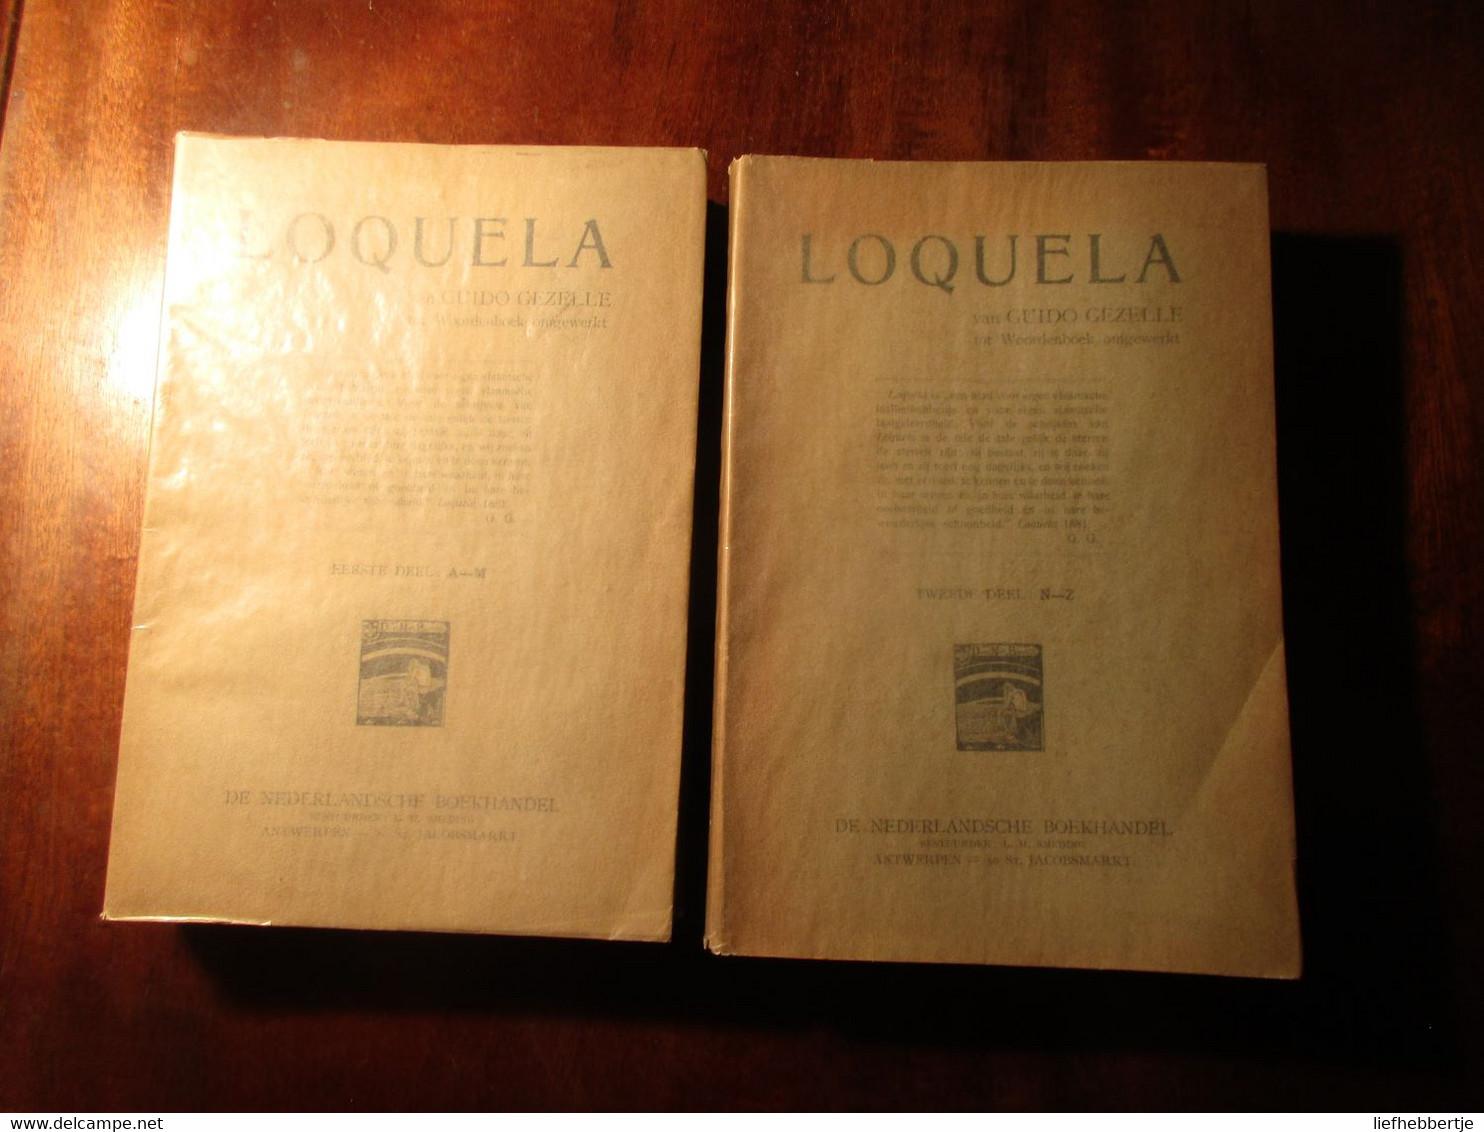 Loquela - Woordenboek Westvlaams Dialect - In Twee Delen - 1907 - Dictionaries